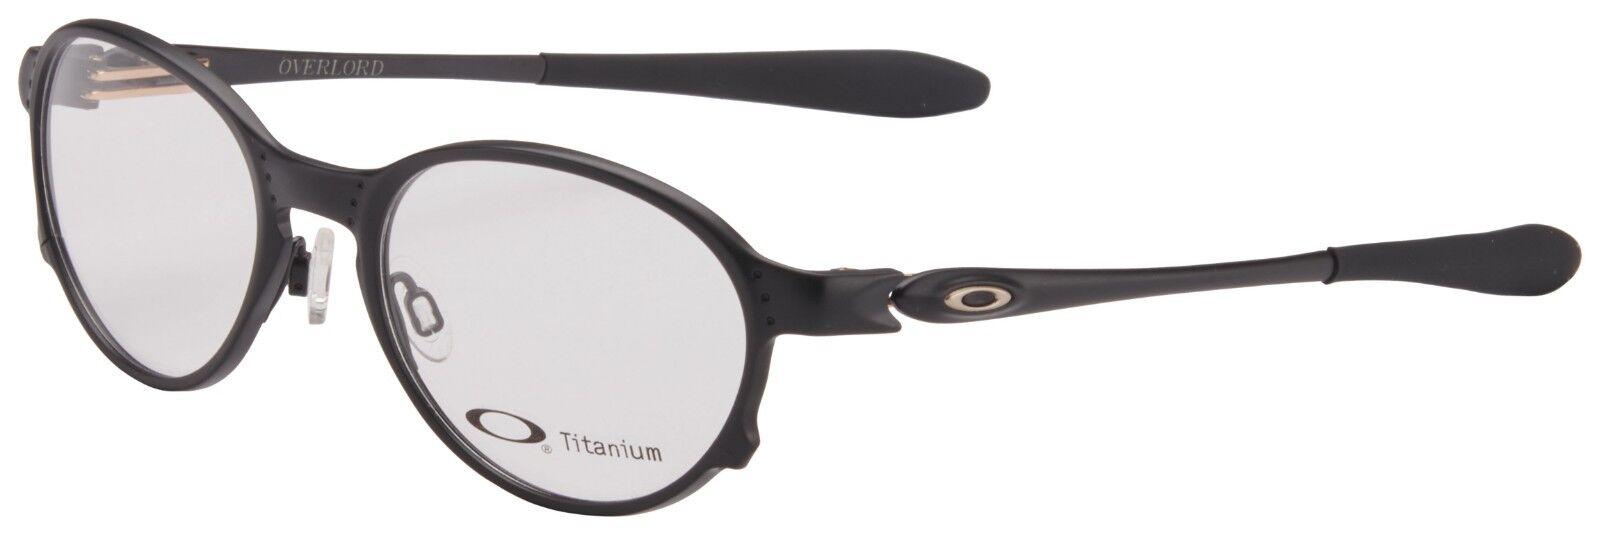 dc54871d53 Oakley Overlord Ox5067-0251 Satin Black Titanium 51mm RX Eyeglasses ...